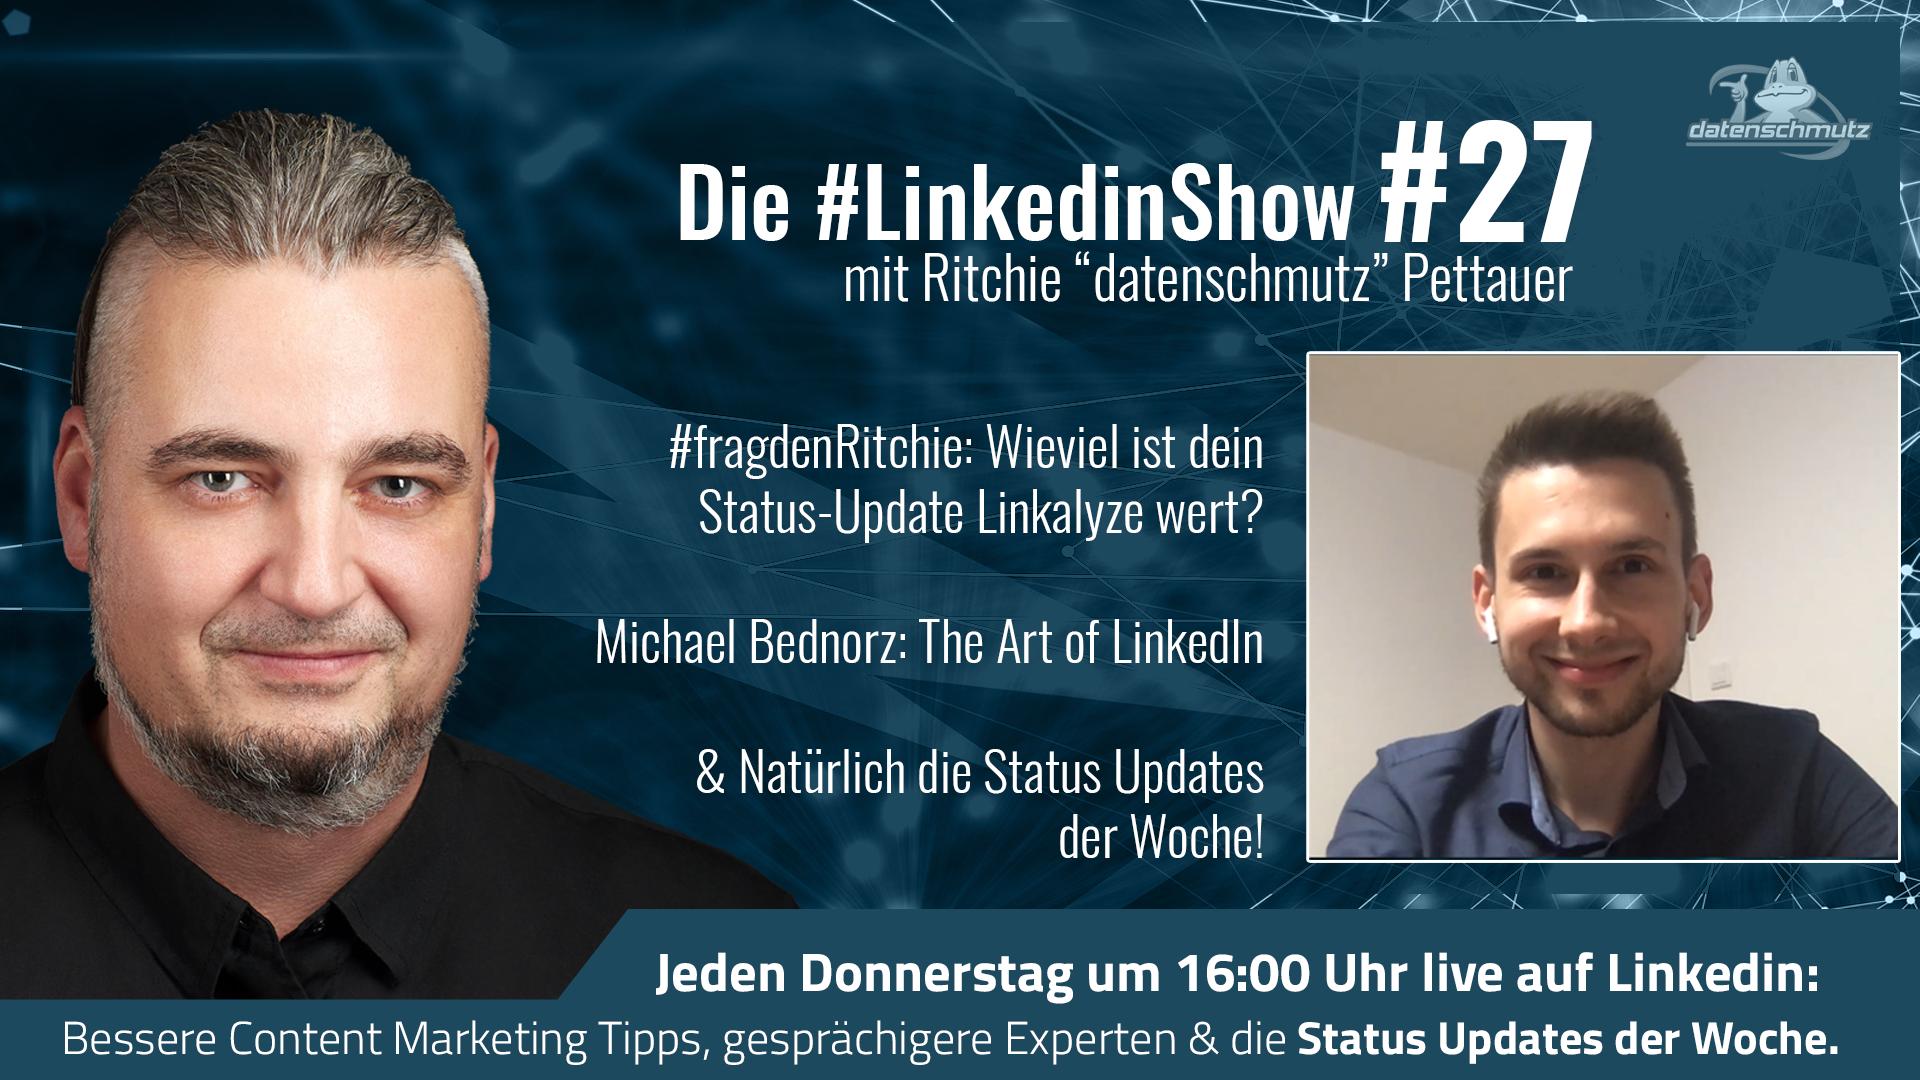 LinkedInShow #27 mit Michael Bednorz